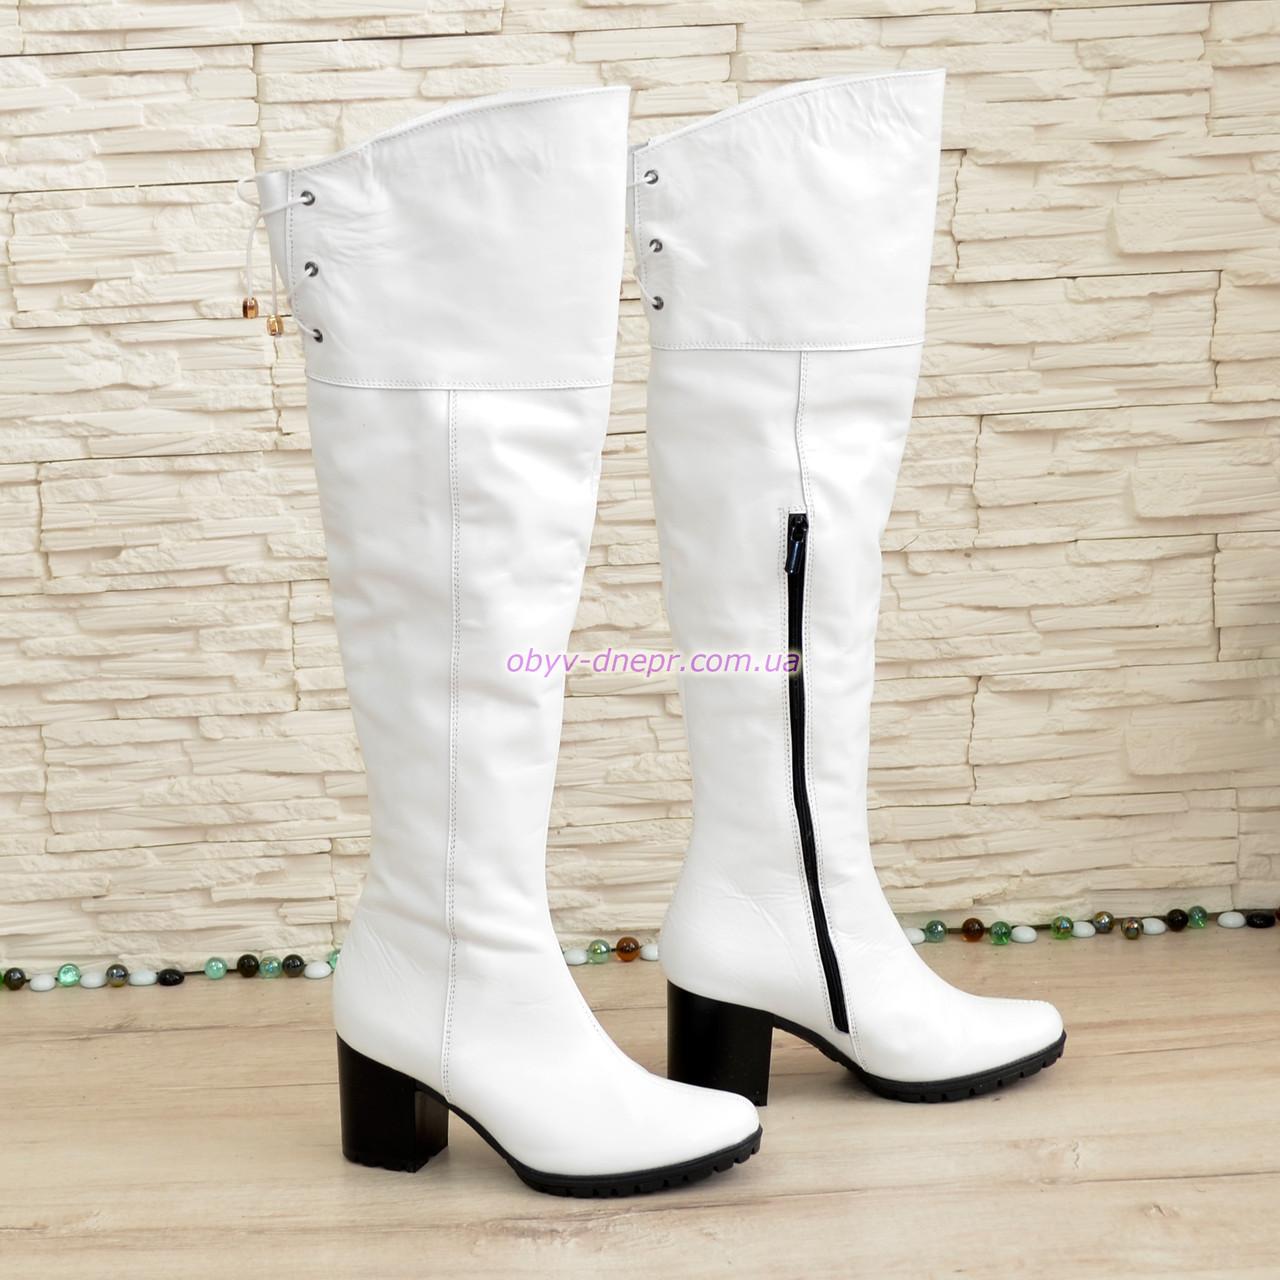 Ботфорты зимние кожаные на каблуке. Белый цвет.